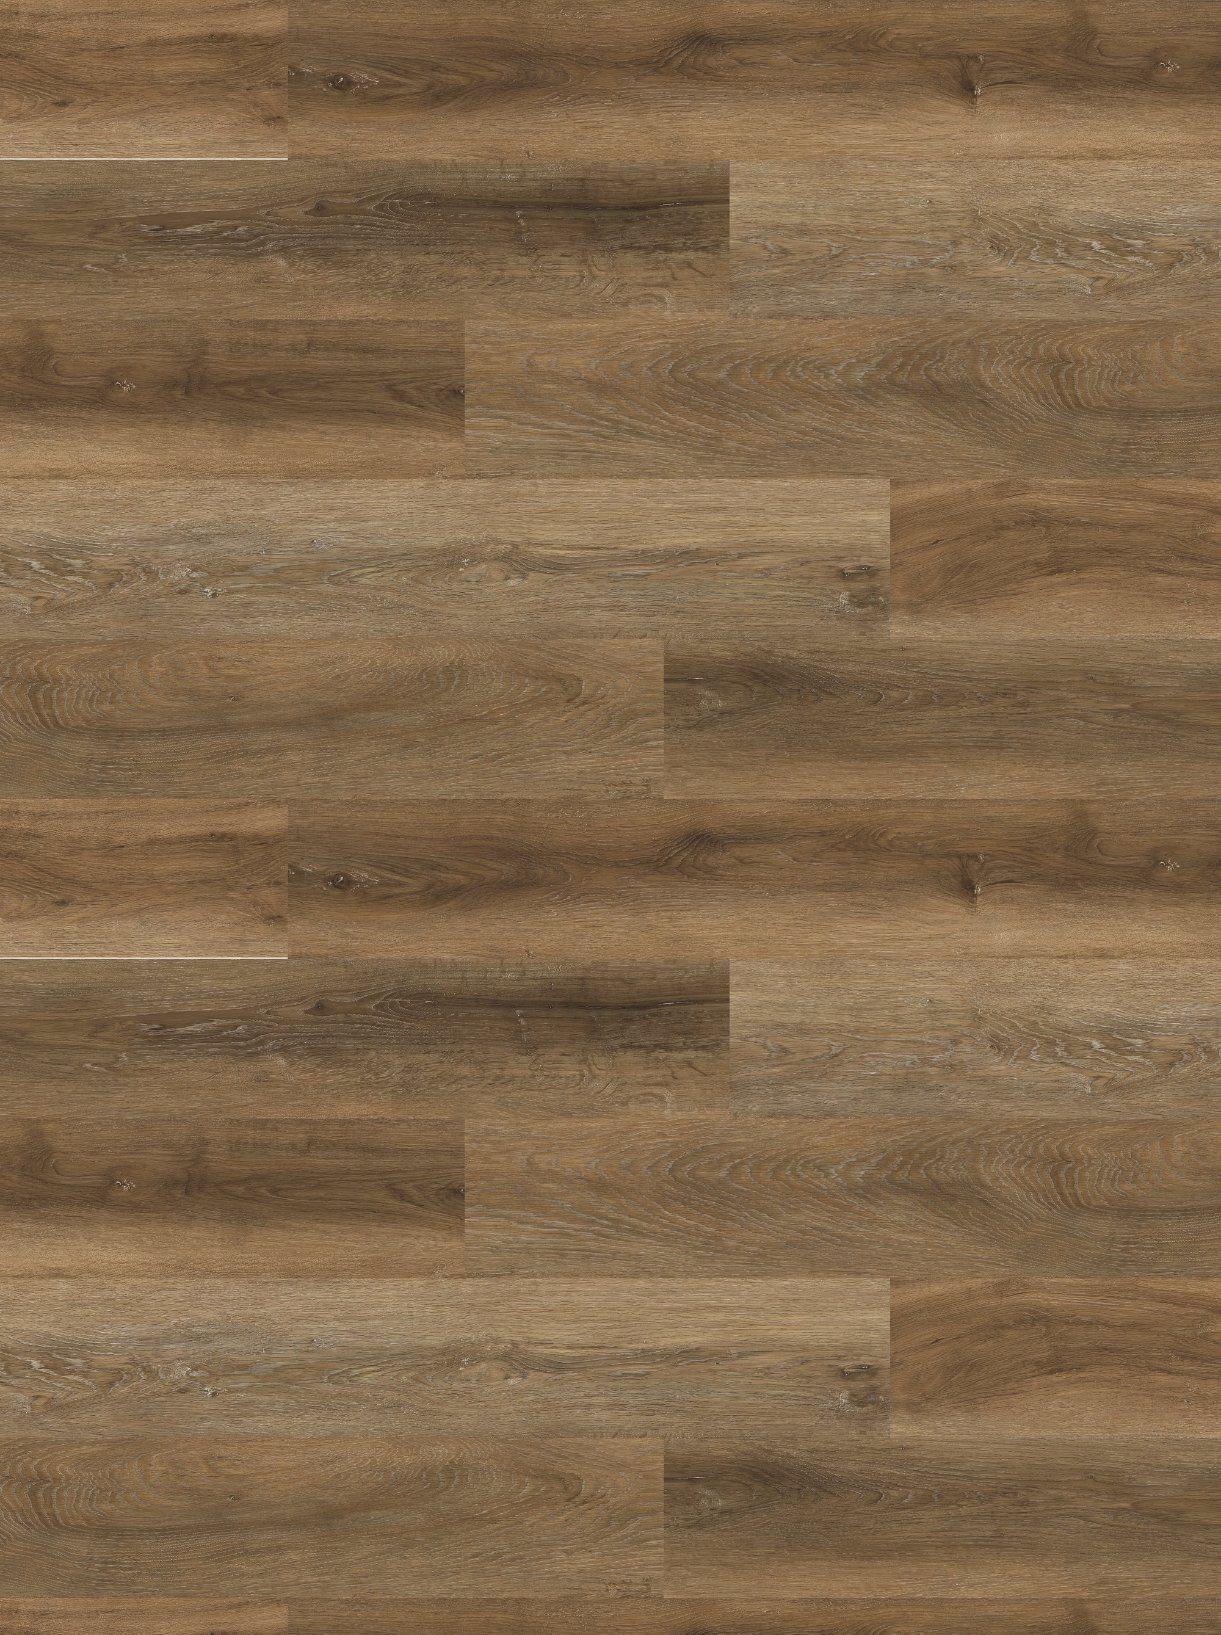 China Rhino Wpc 1879 Waterproof Wood, Who Makes Rhino Laminate Flooring